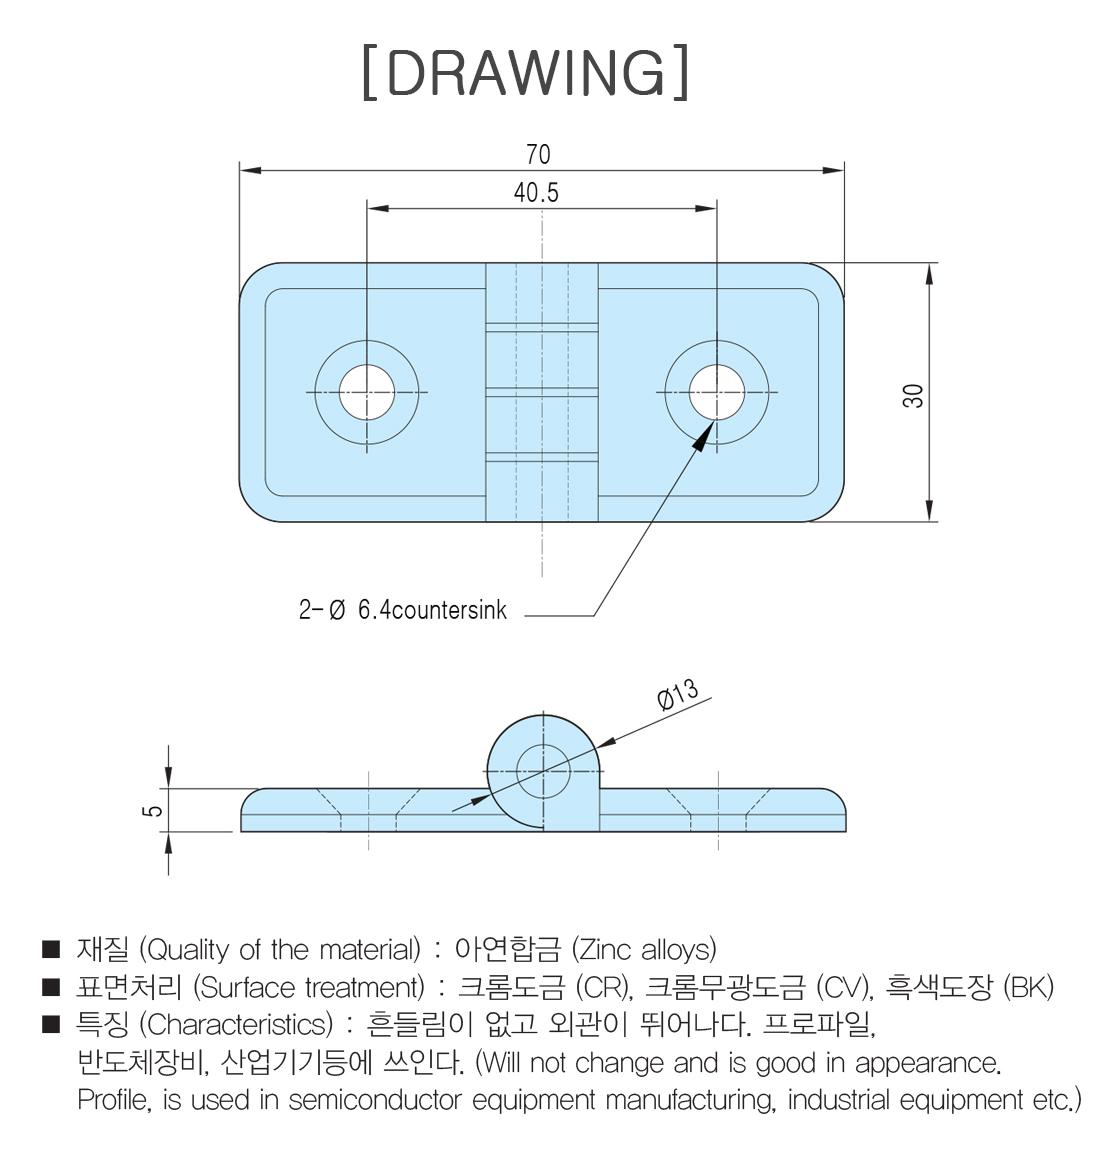 A005_SHC-3070_2.jpg